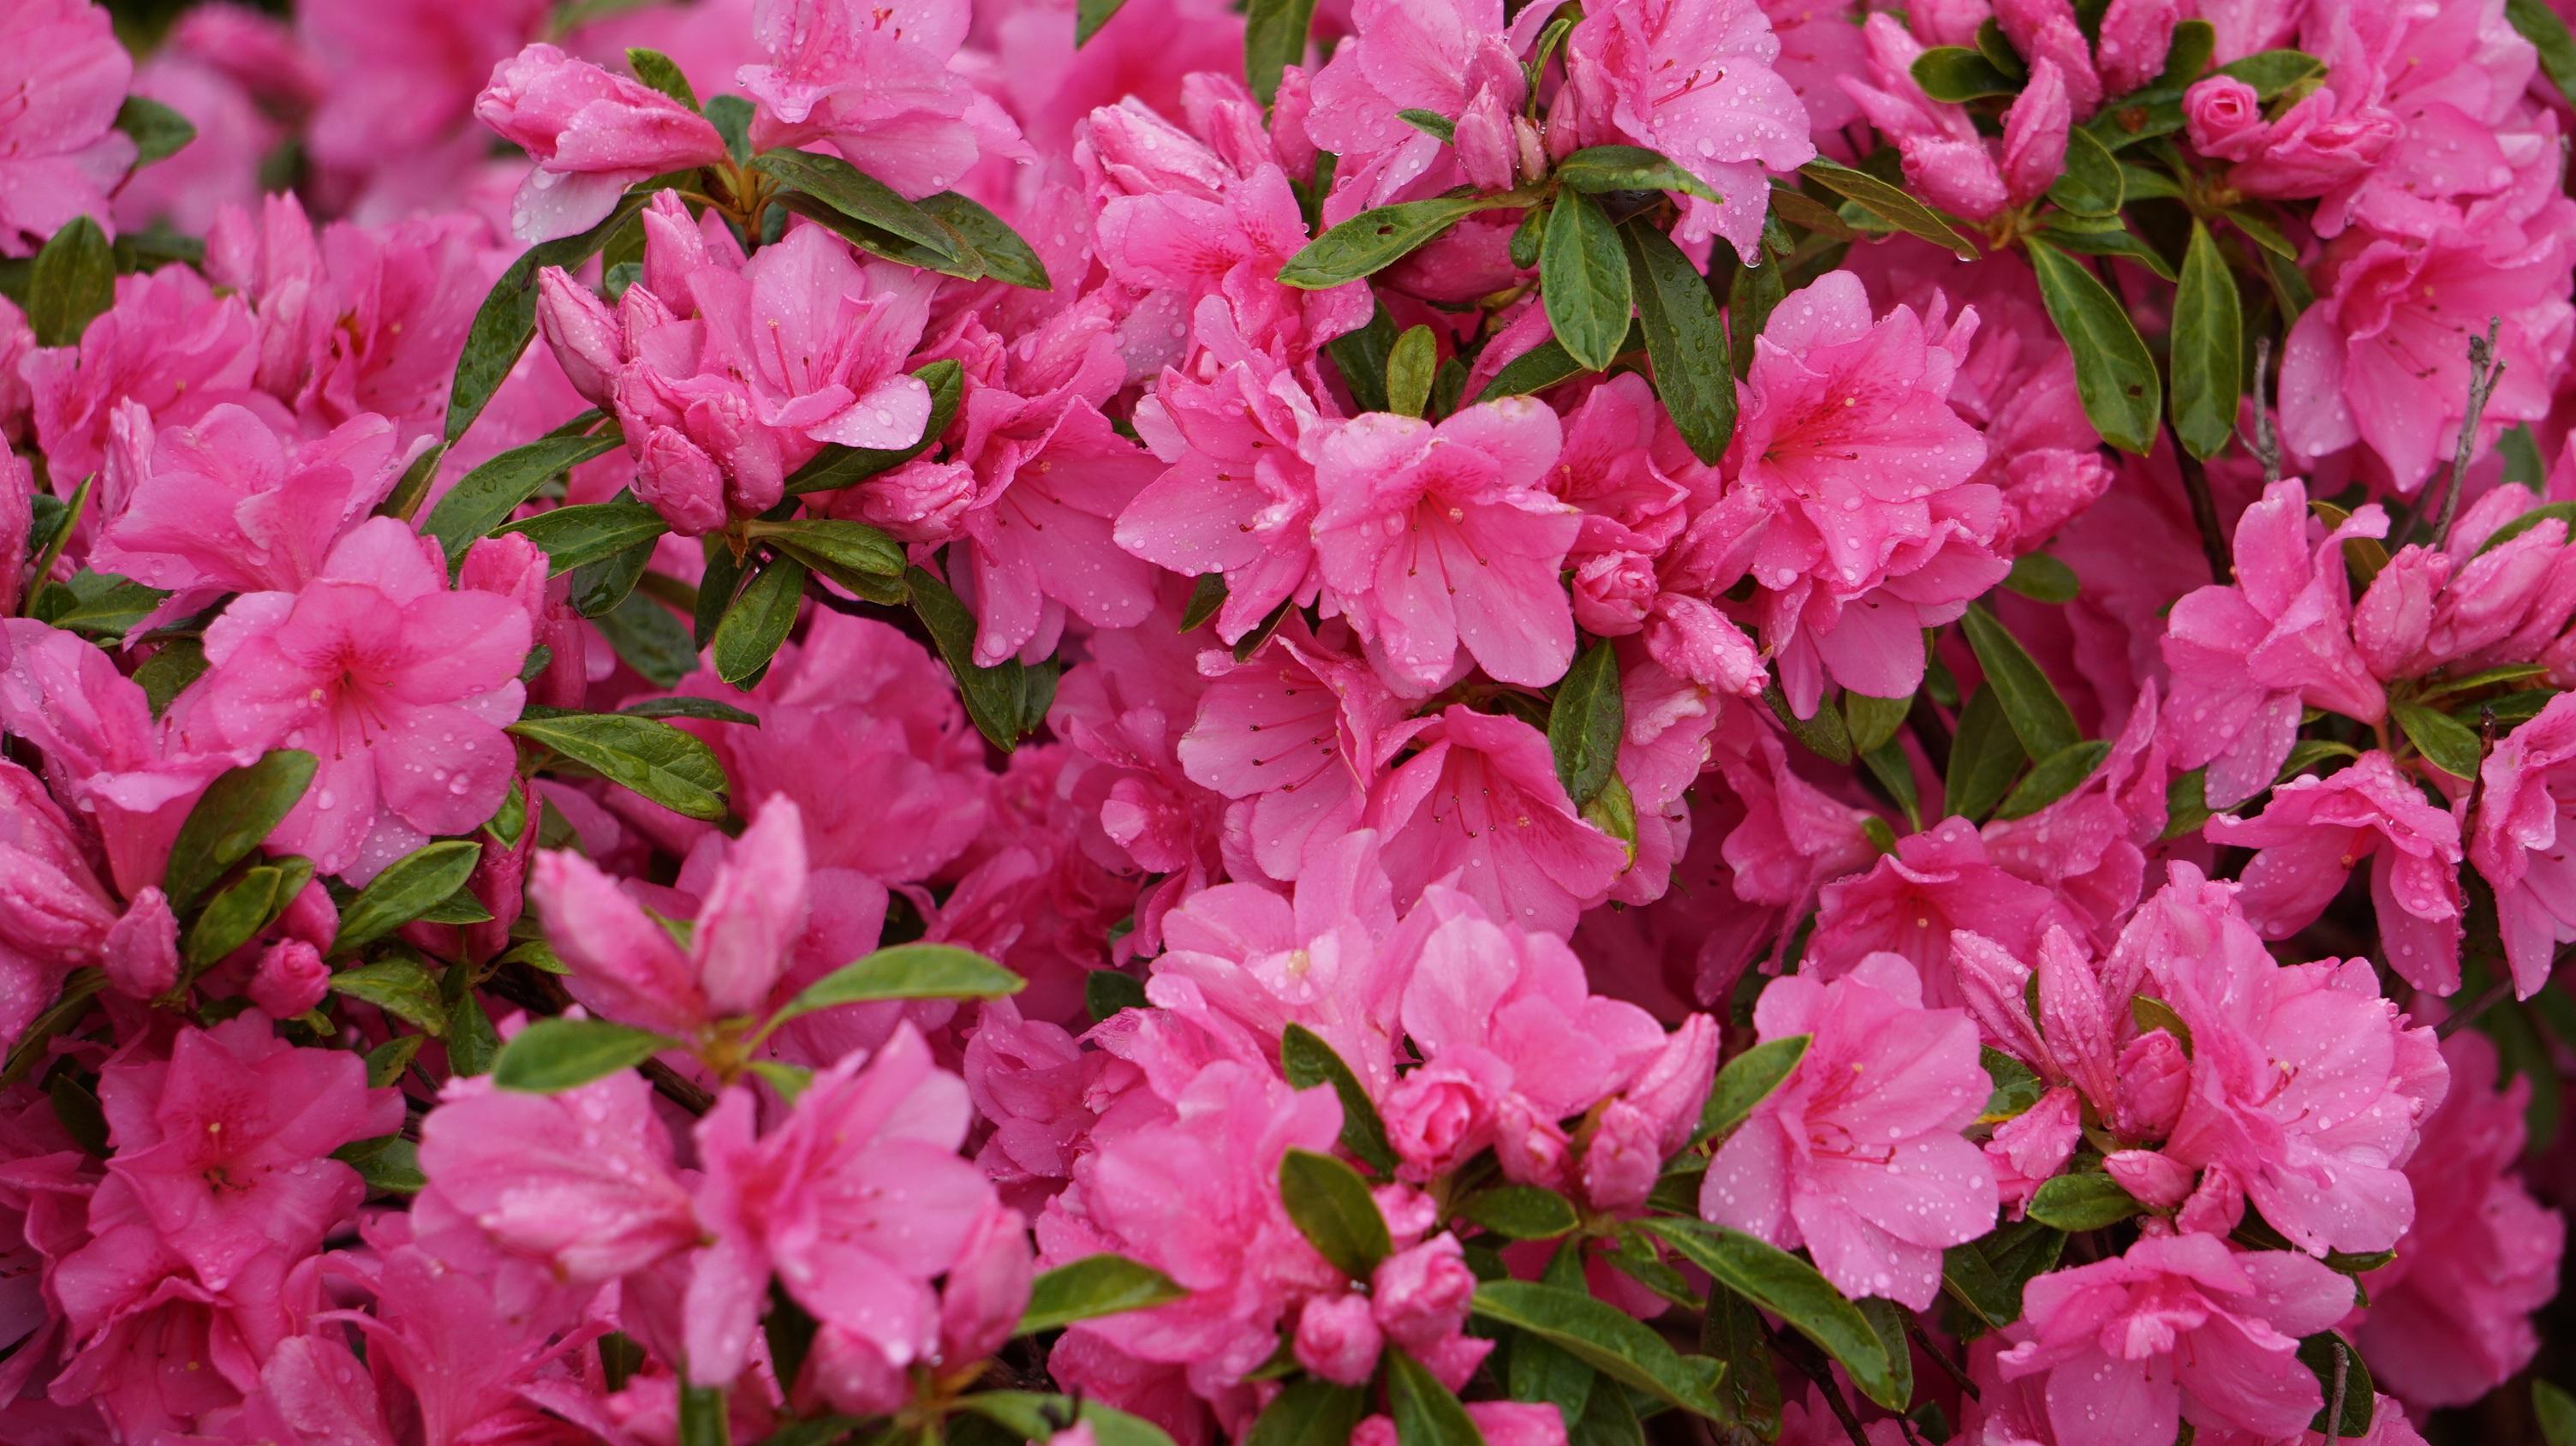 Images Gratuites : la nature, fleur, pétale, bouquet, rose, flore ...